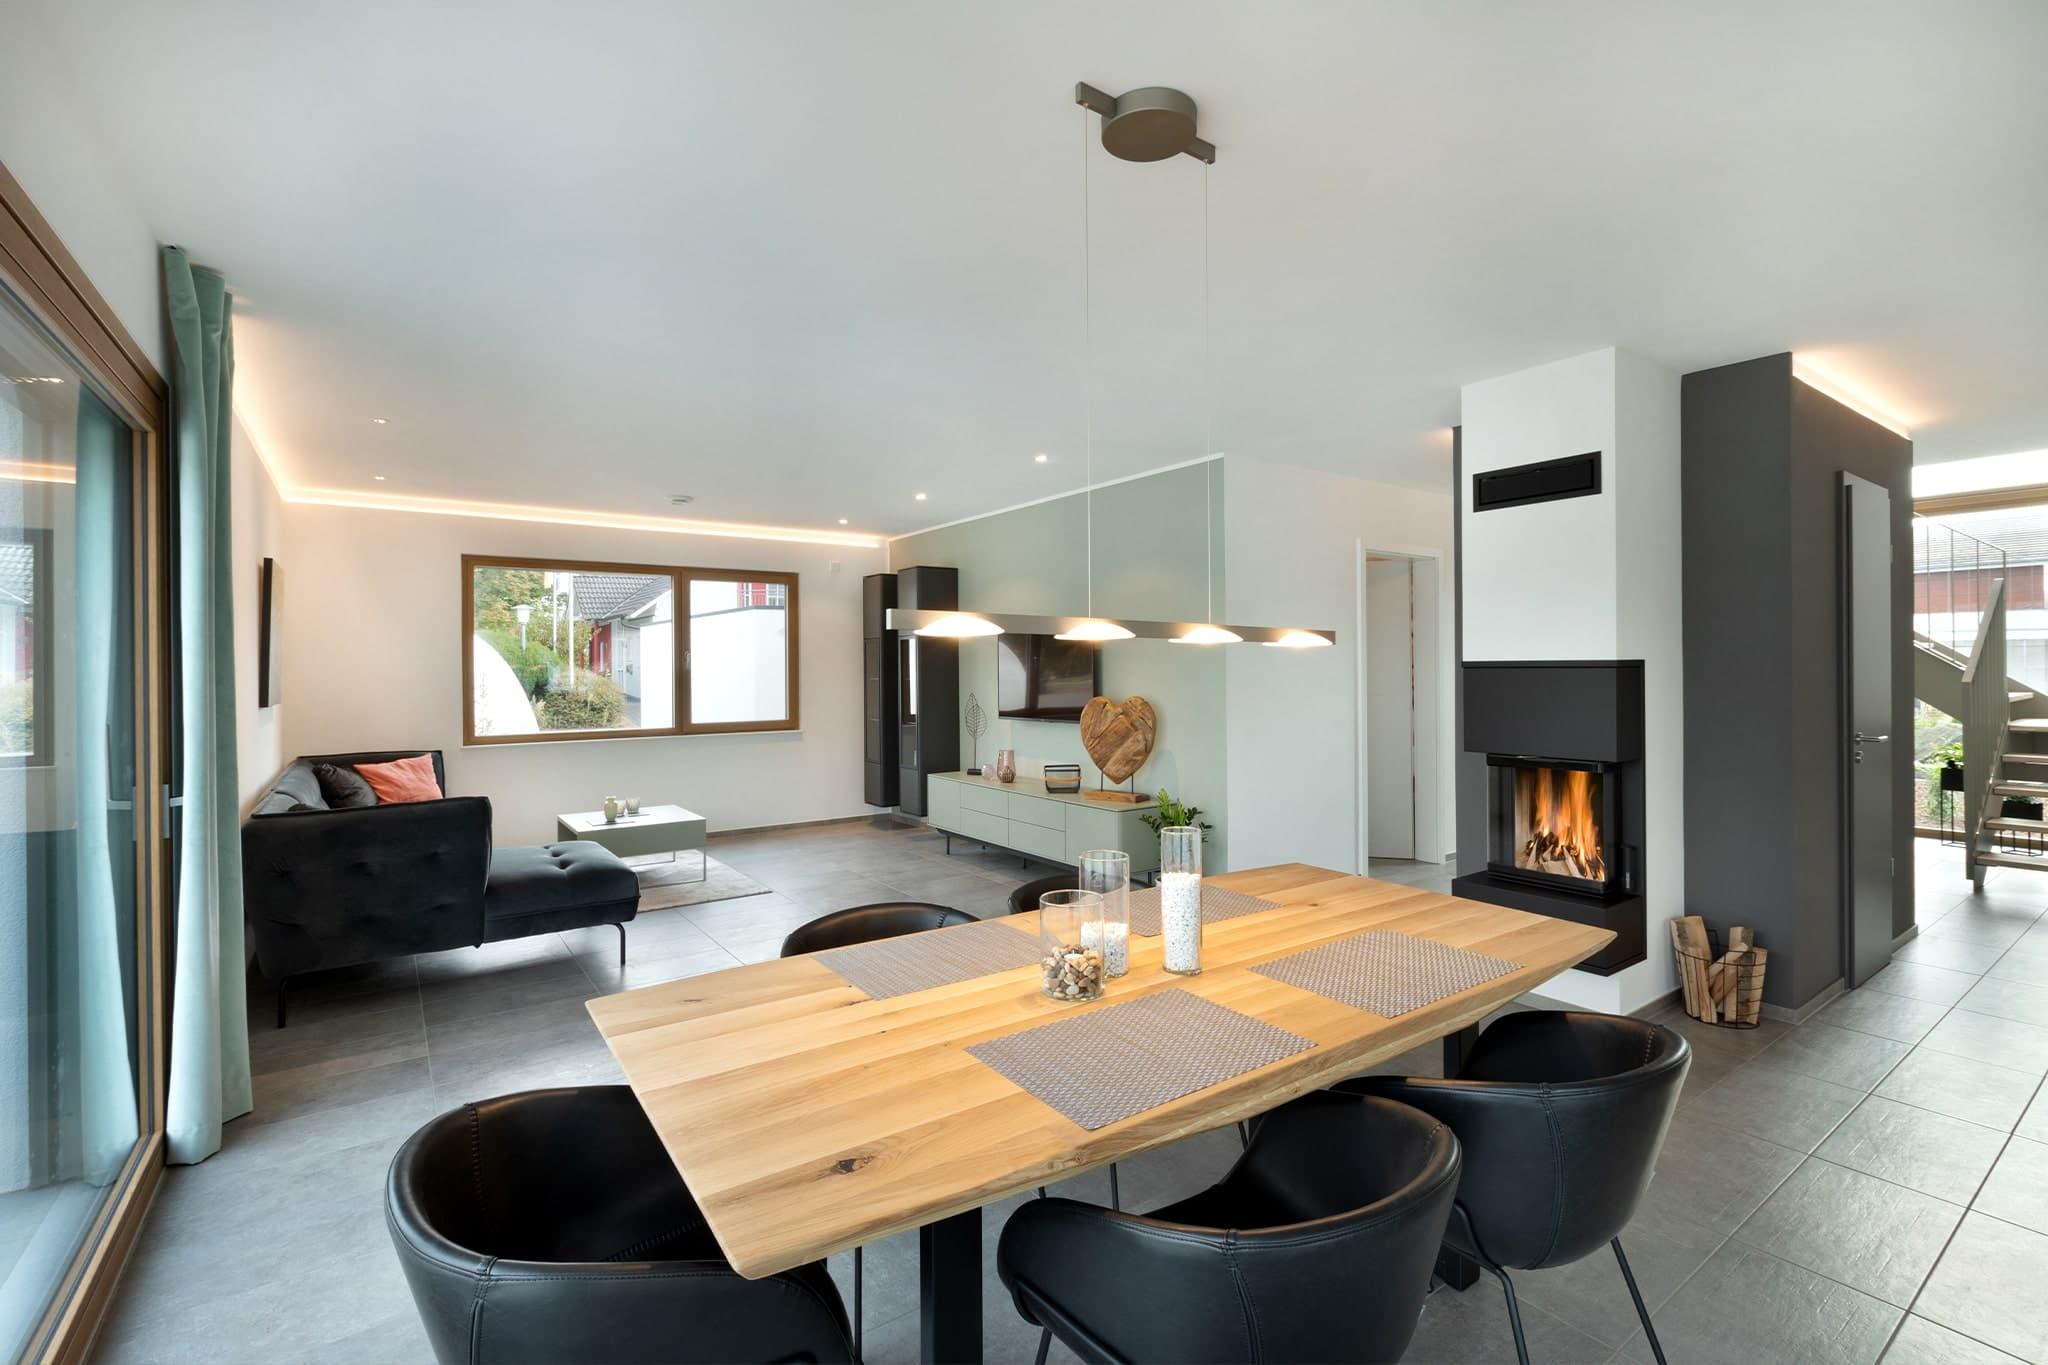 Musterhaus Mannheim Offener Wohn-Essbereich